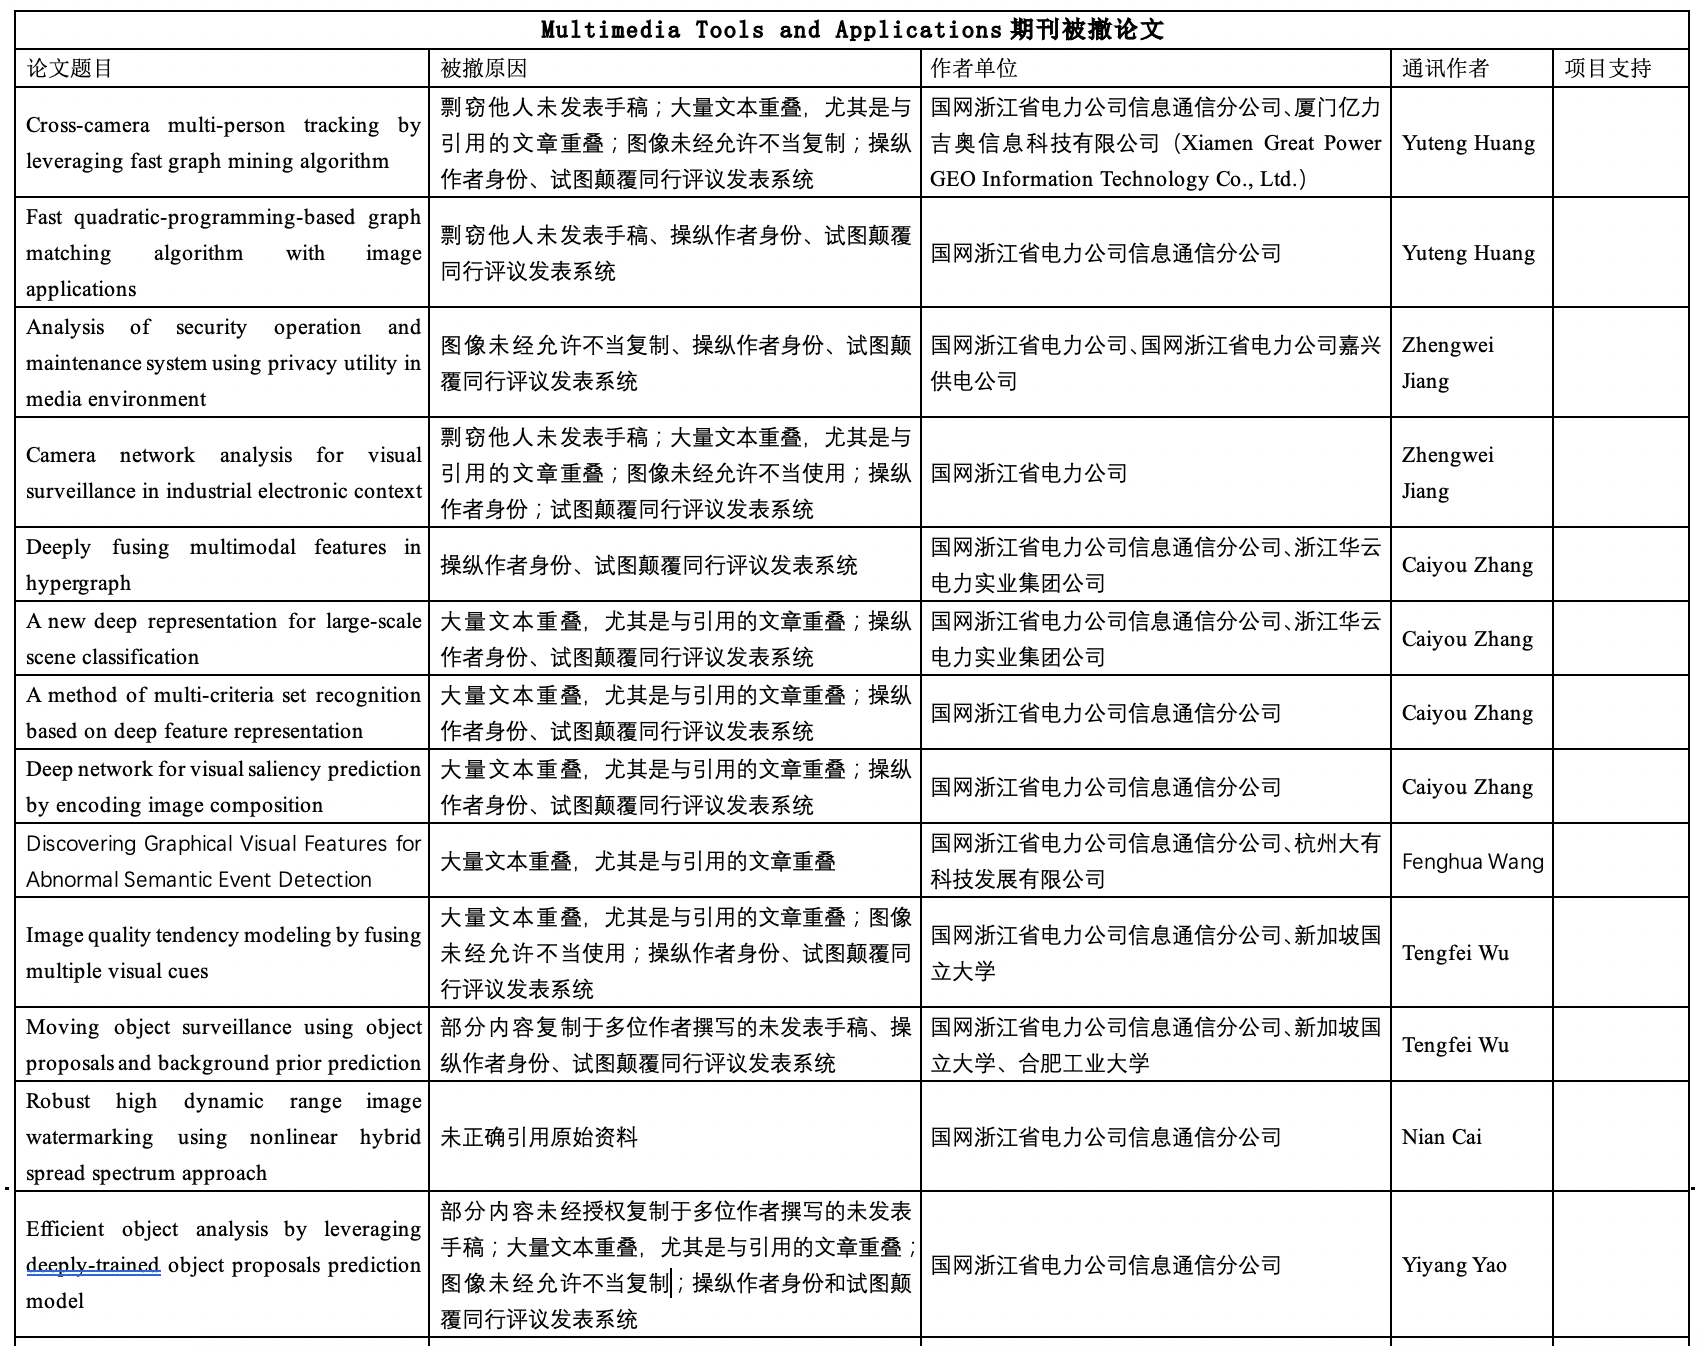 「摩天注册」机构学者被国外期刊摩天注册撤稿30图片